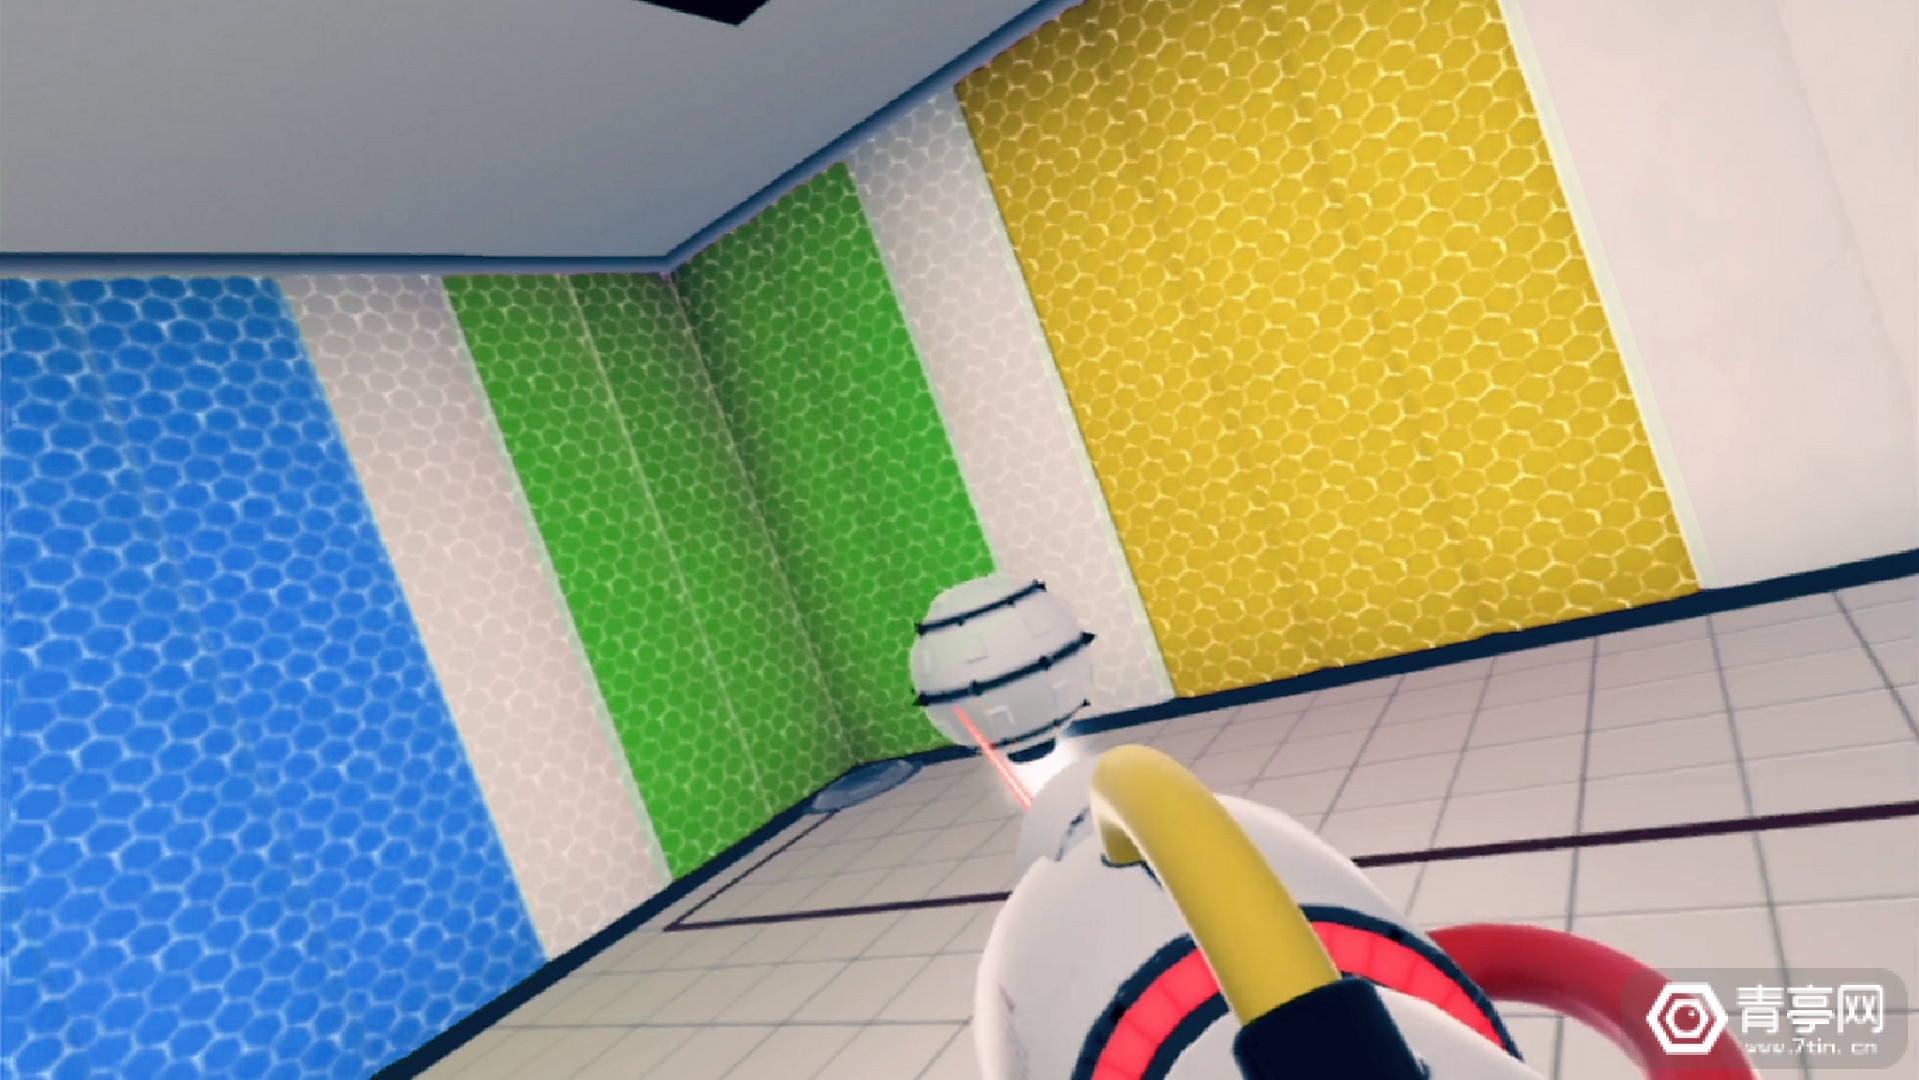 彩度之枪VR版来袭,《ChromaGun VR》下周登陆PSVR